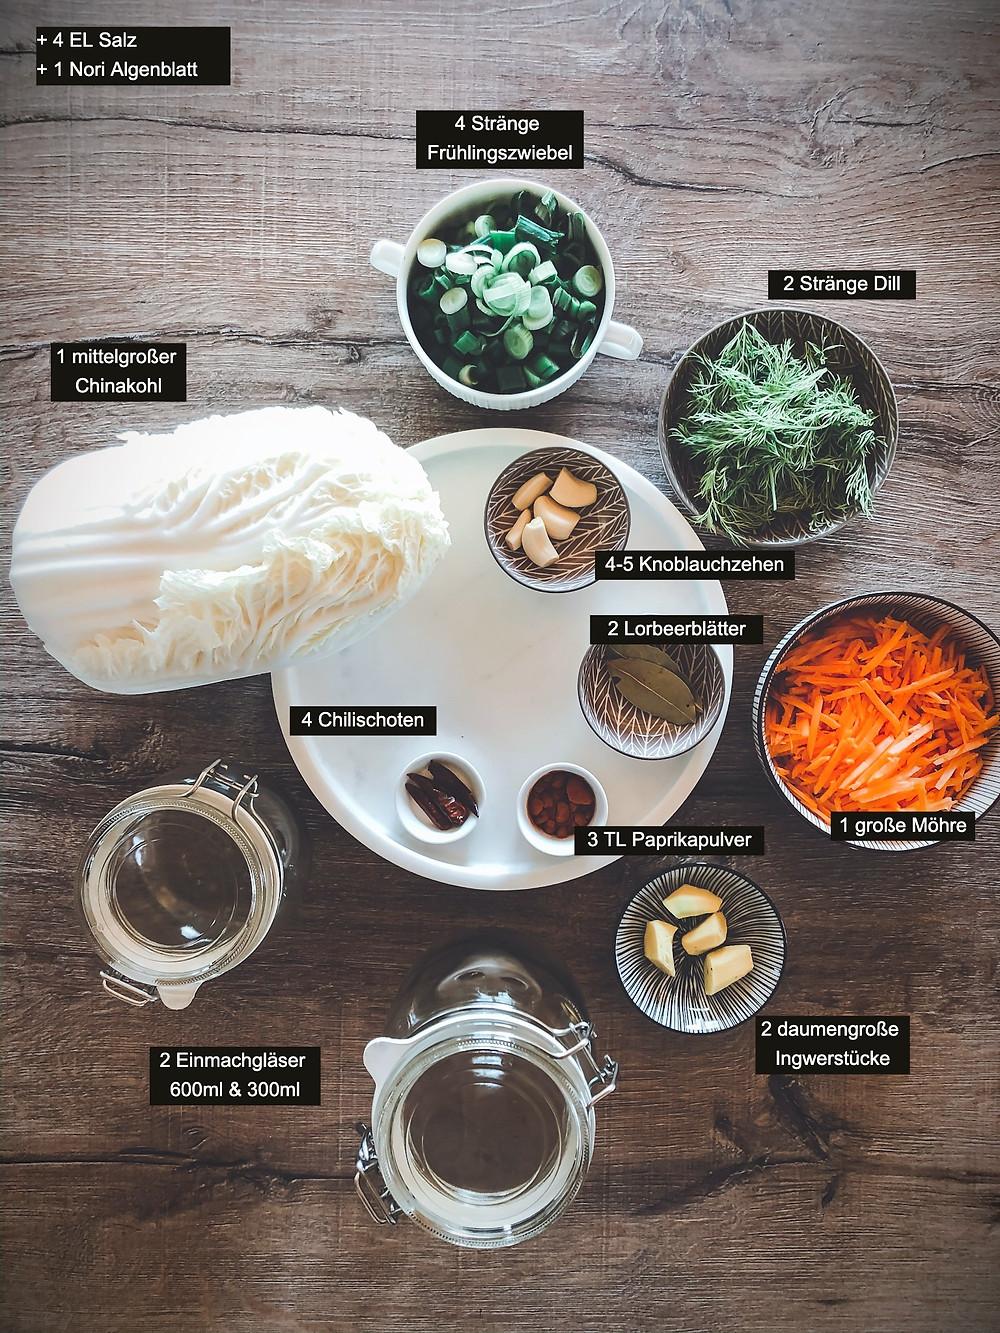 ffocusflowfood einfaches Kimchi Rezept nach traditioneller Familienrezeptur gesund